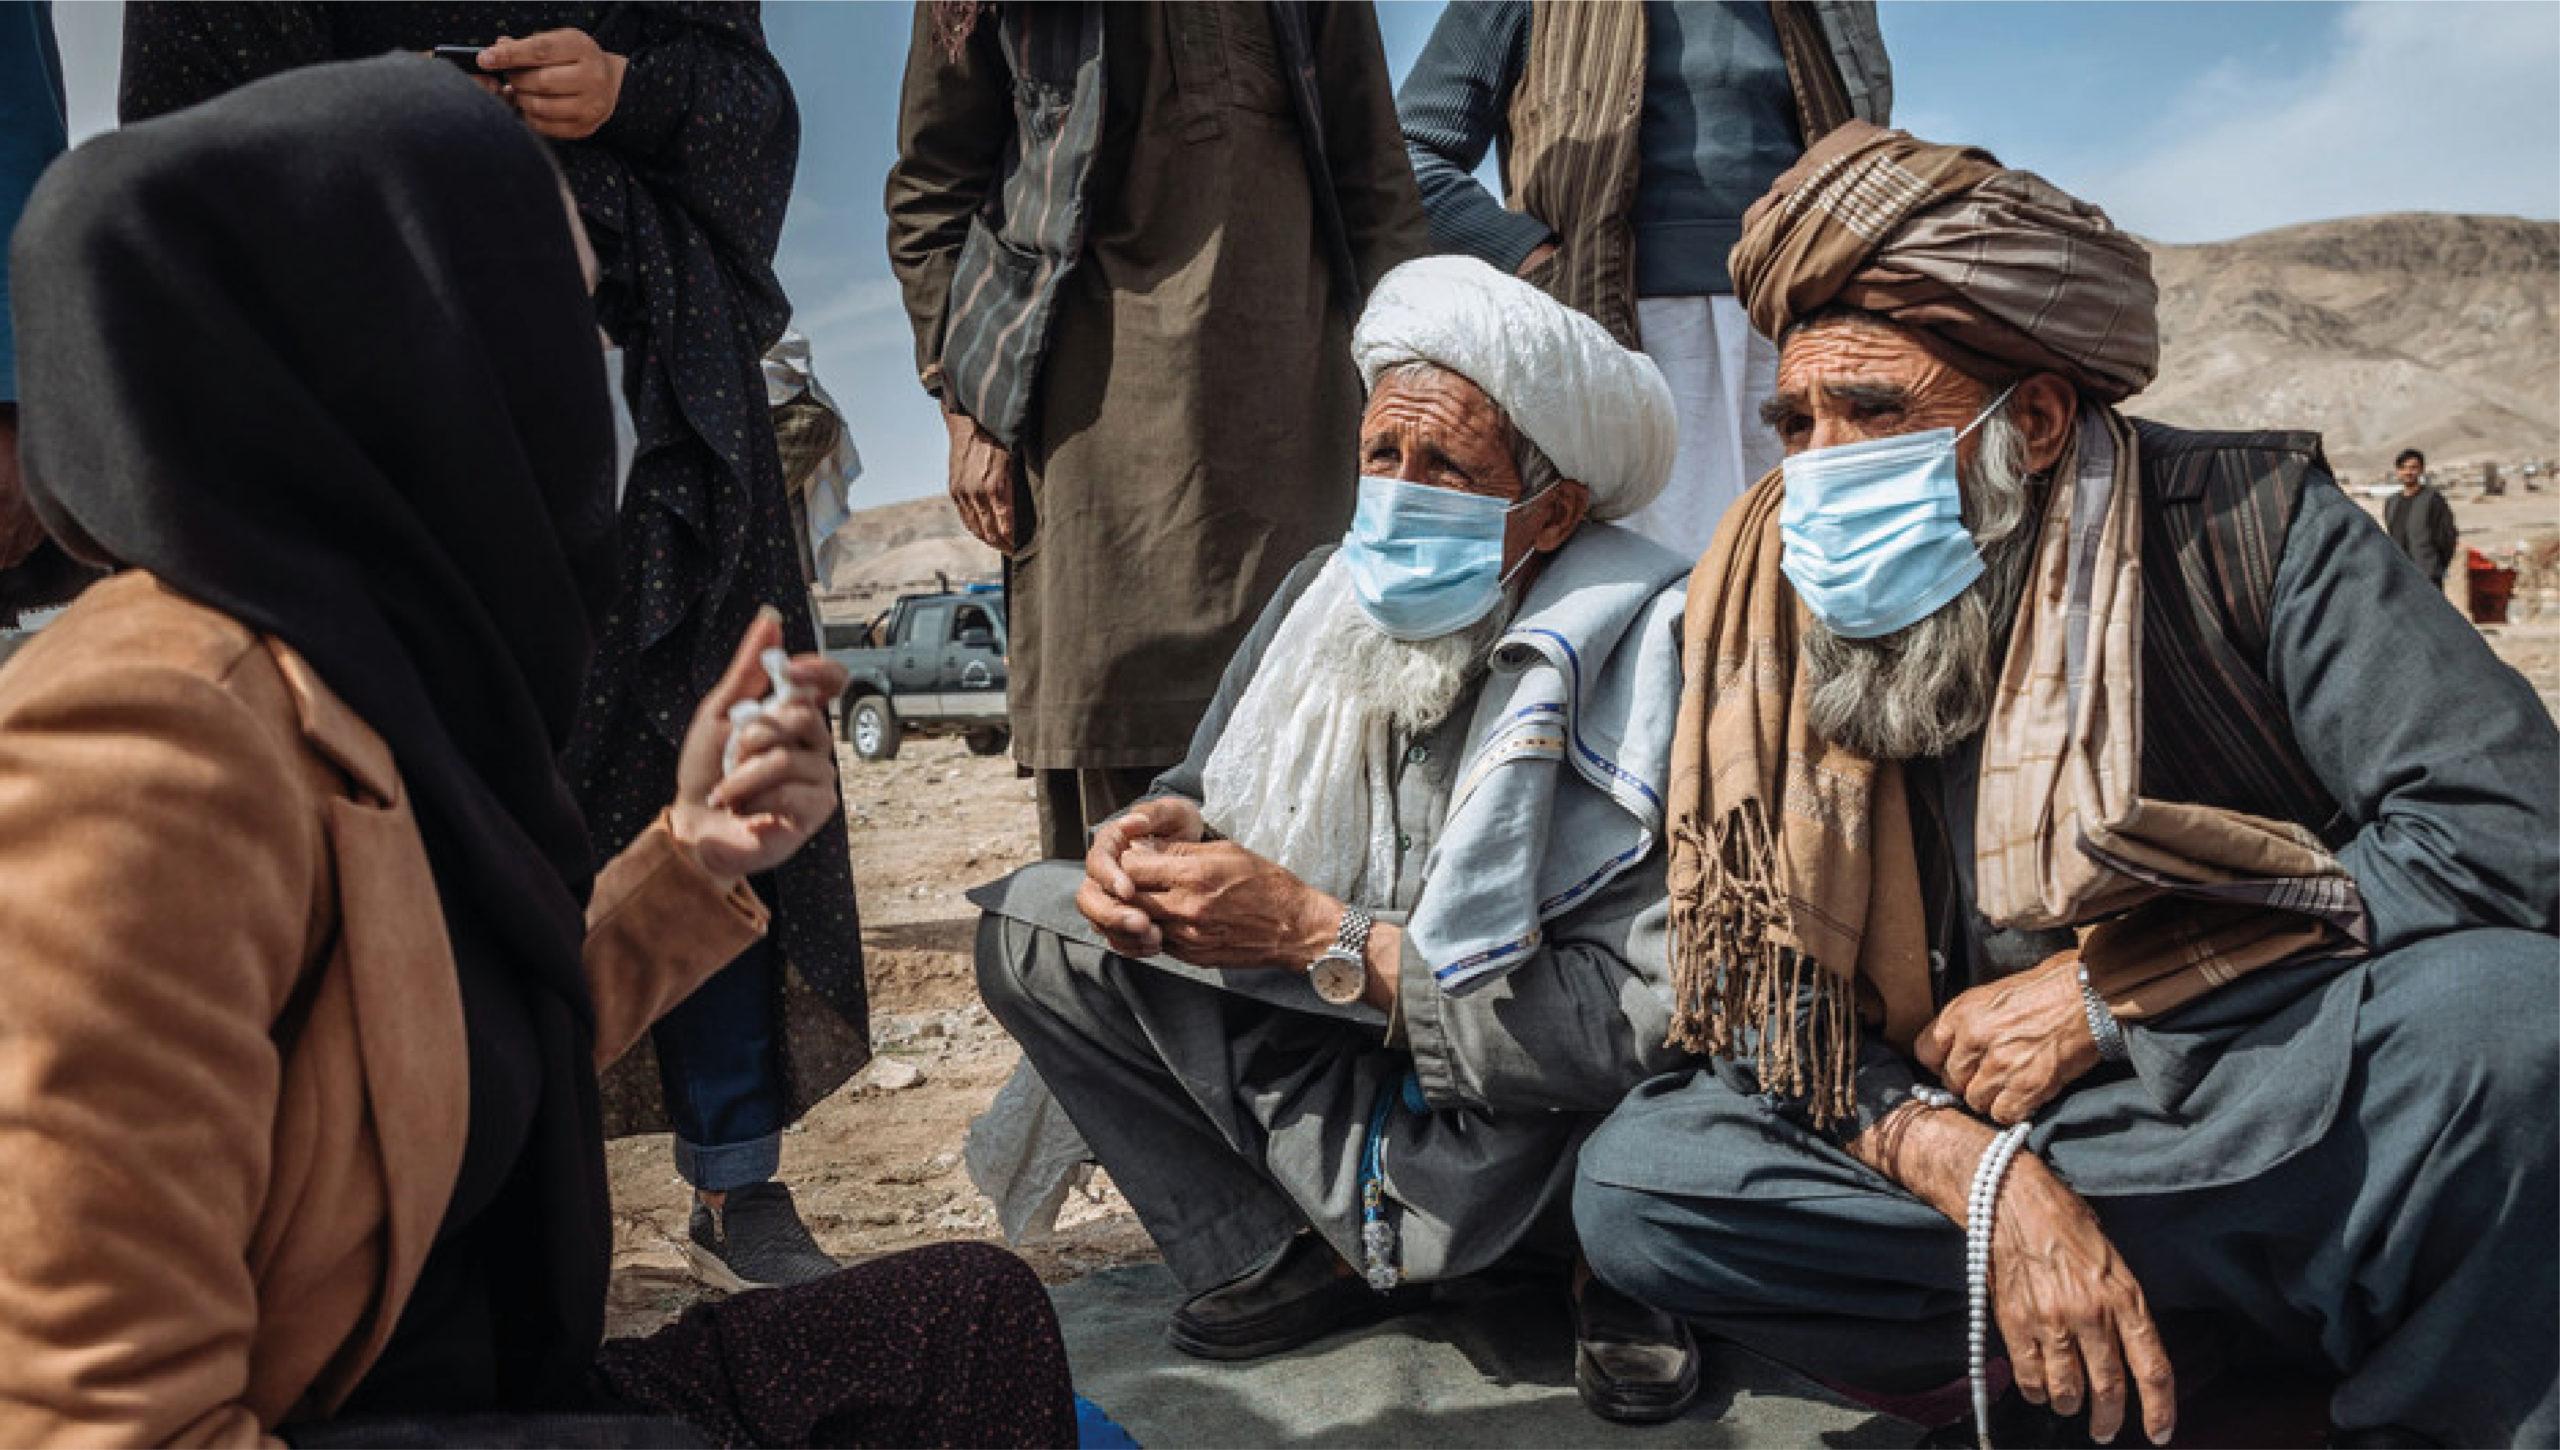 Afganistán solo tiene suministros médicos para una semana: OMS